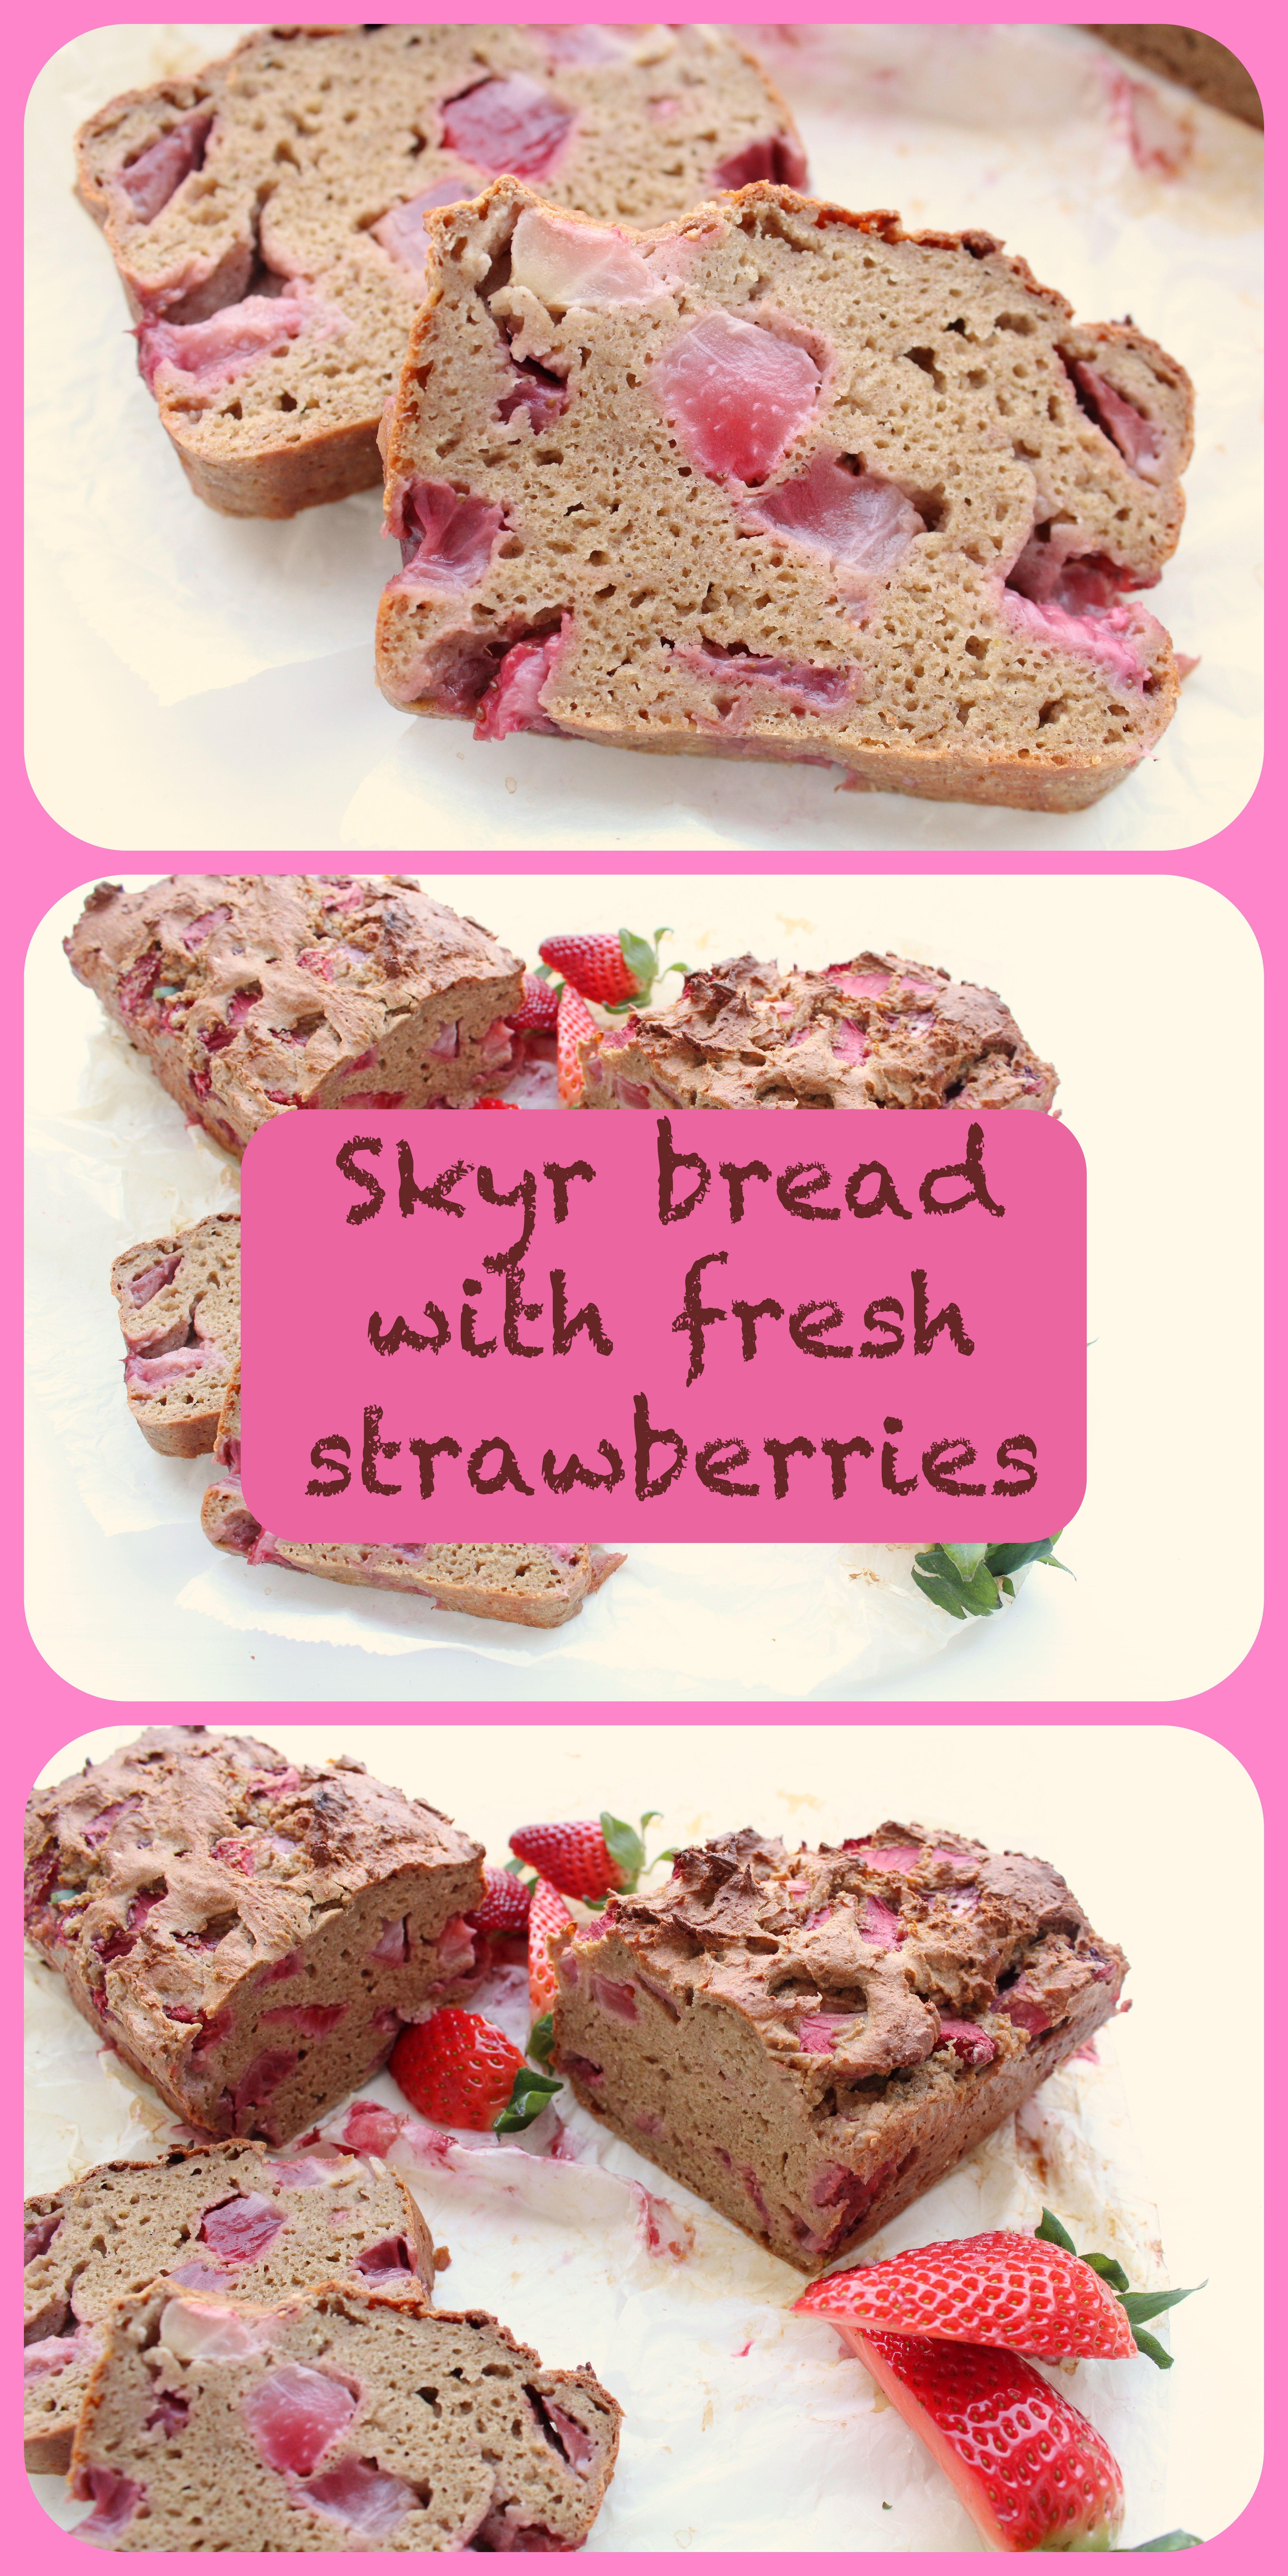 Super gezond Skyrbrood met verse aardbeien - Skyr Bread with fresh strawberries.